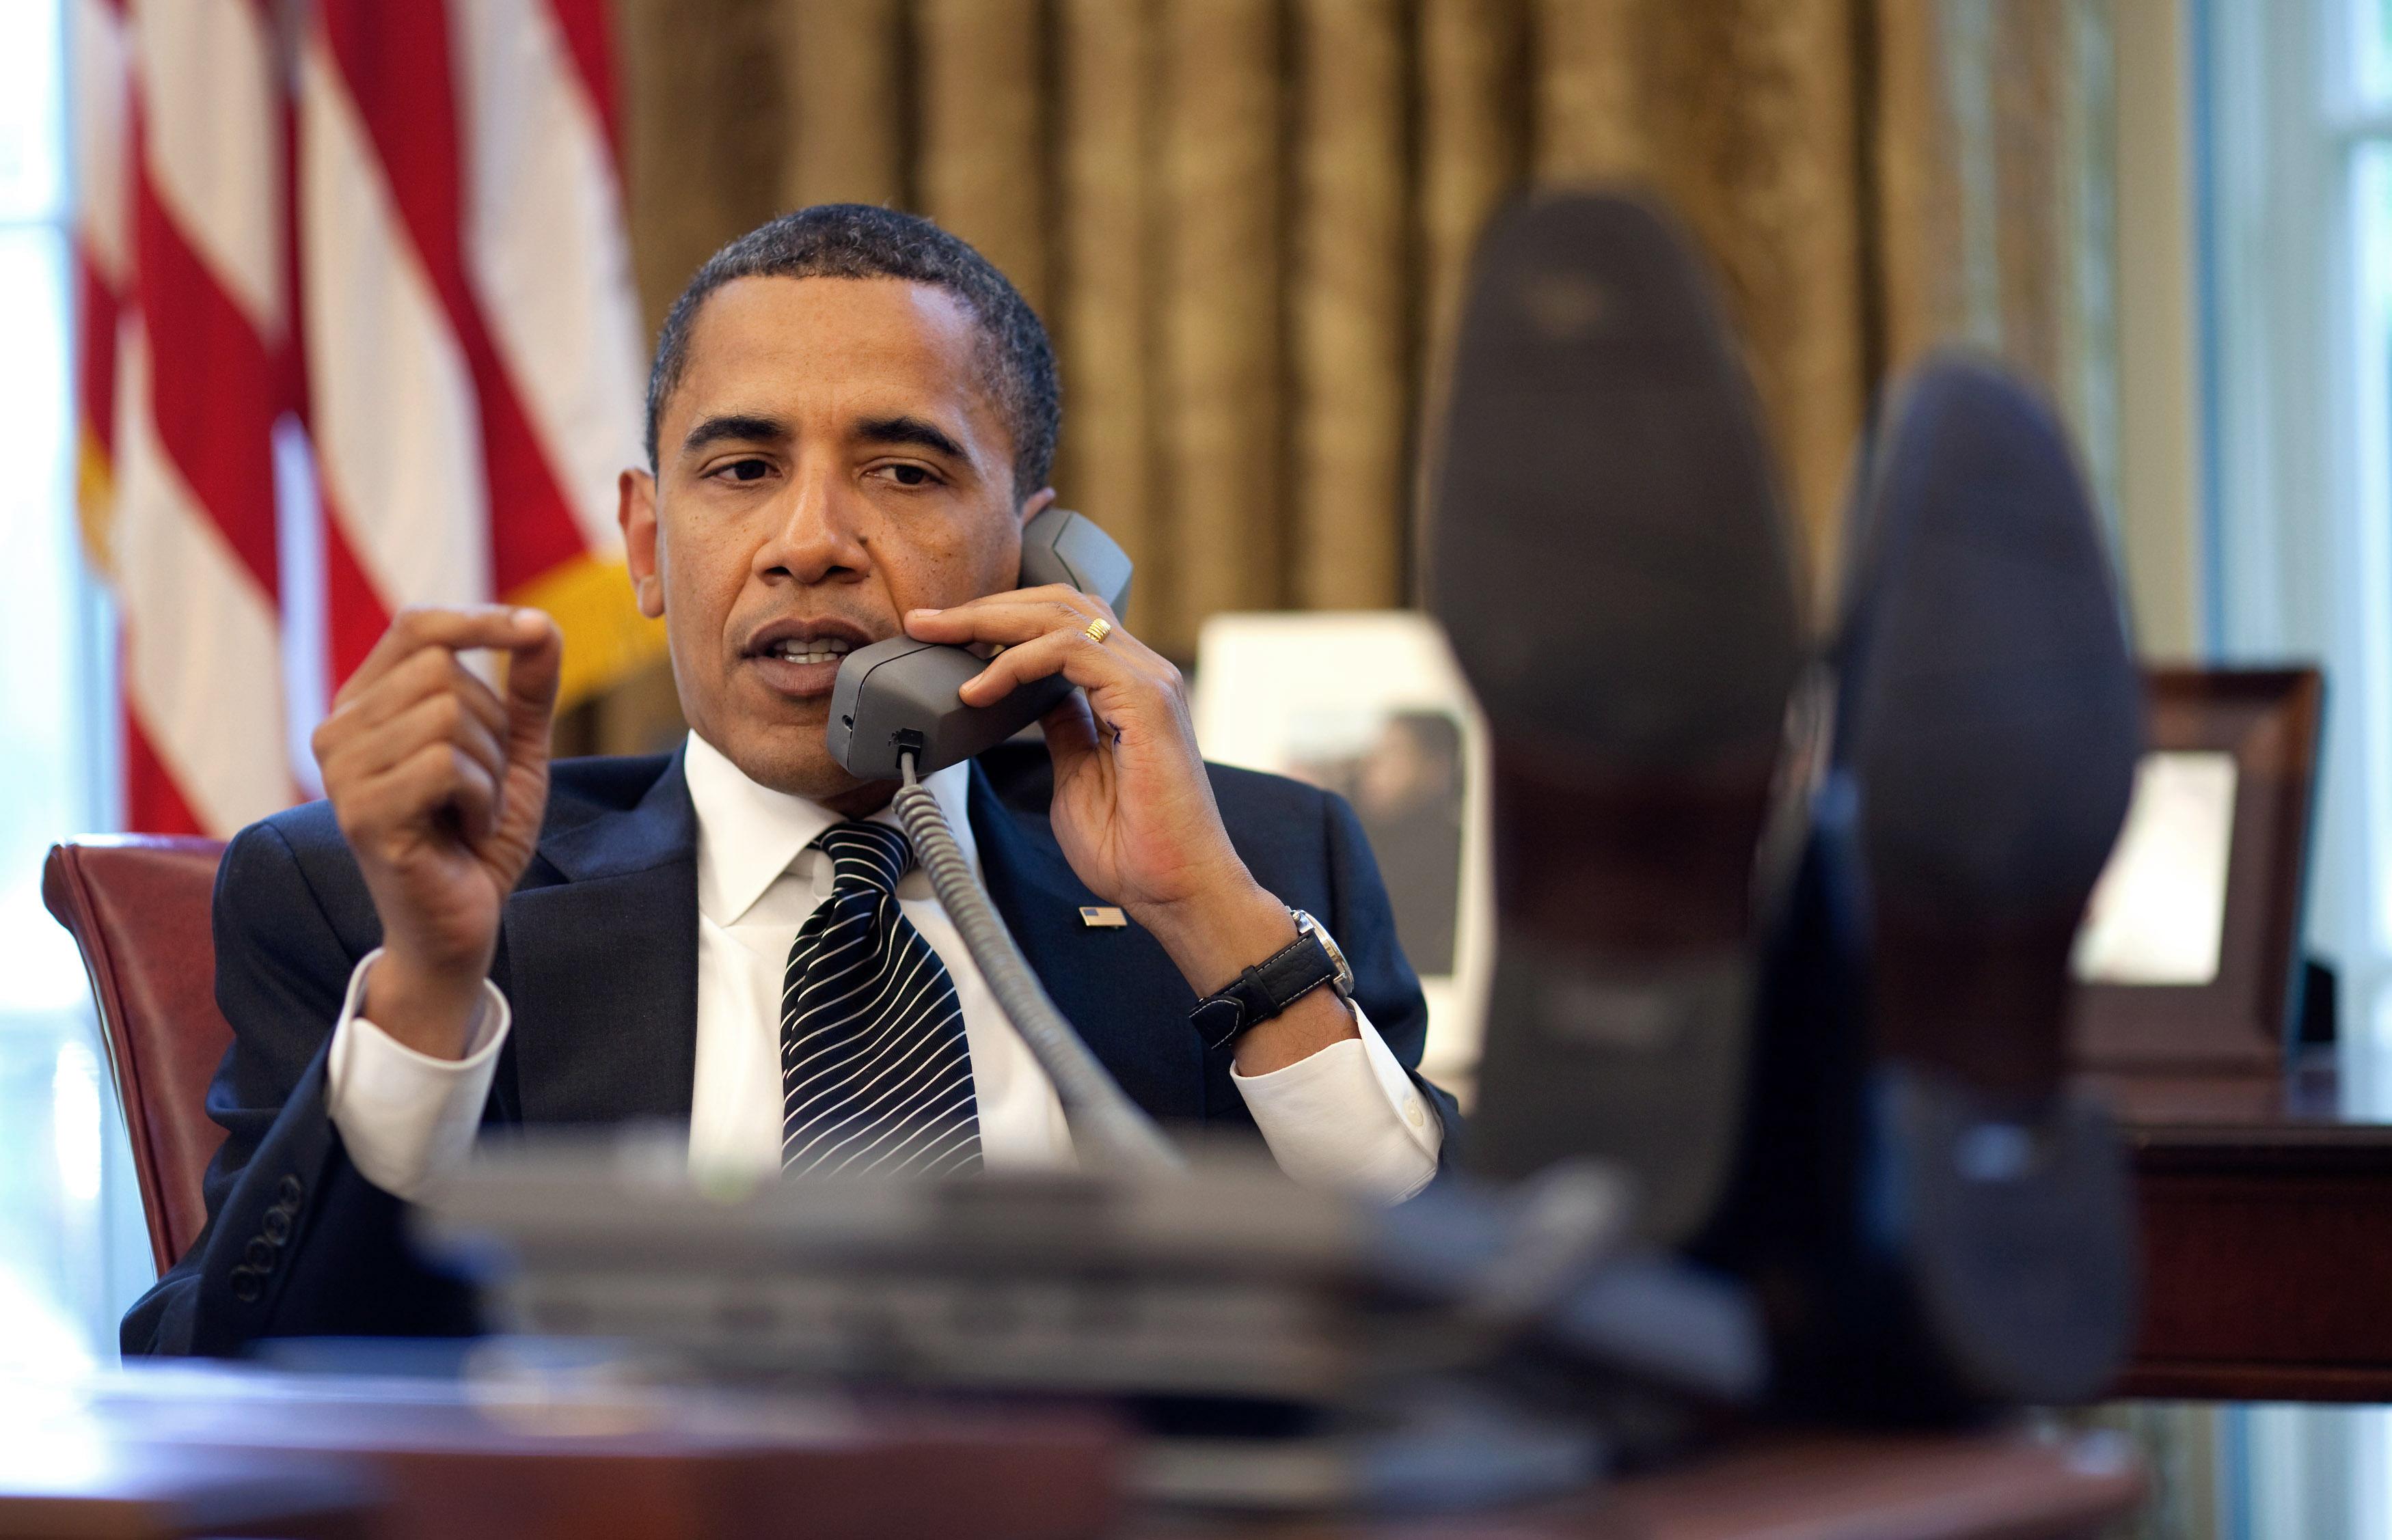 Obama_thumb.jpg